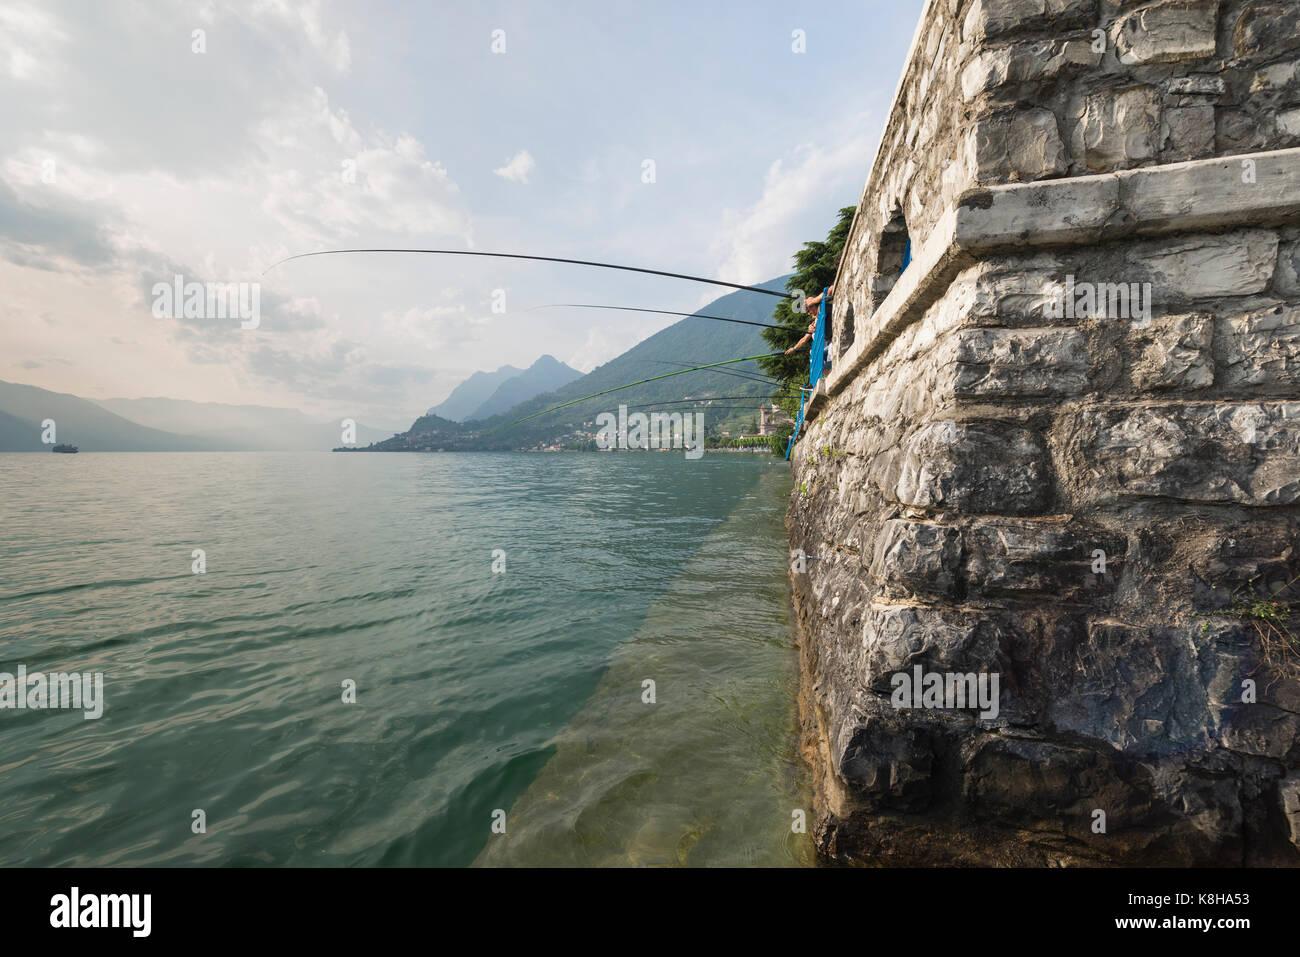 Angler mit langen Angelruten an der Mauer der Seepromenade von Sale Marasinao am Iseosee, Lombardei, Italien - Stock Image